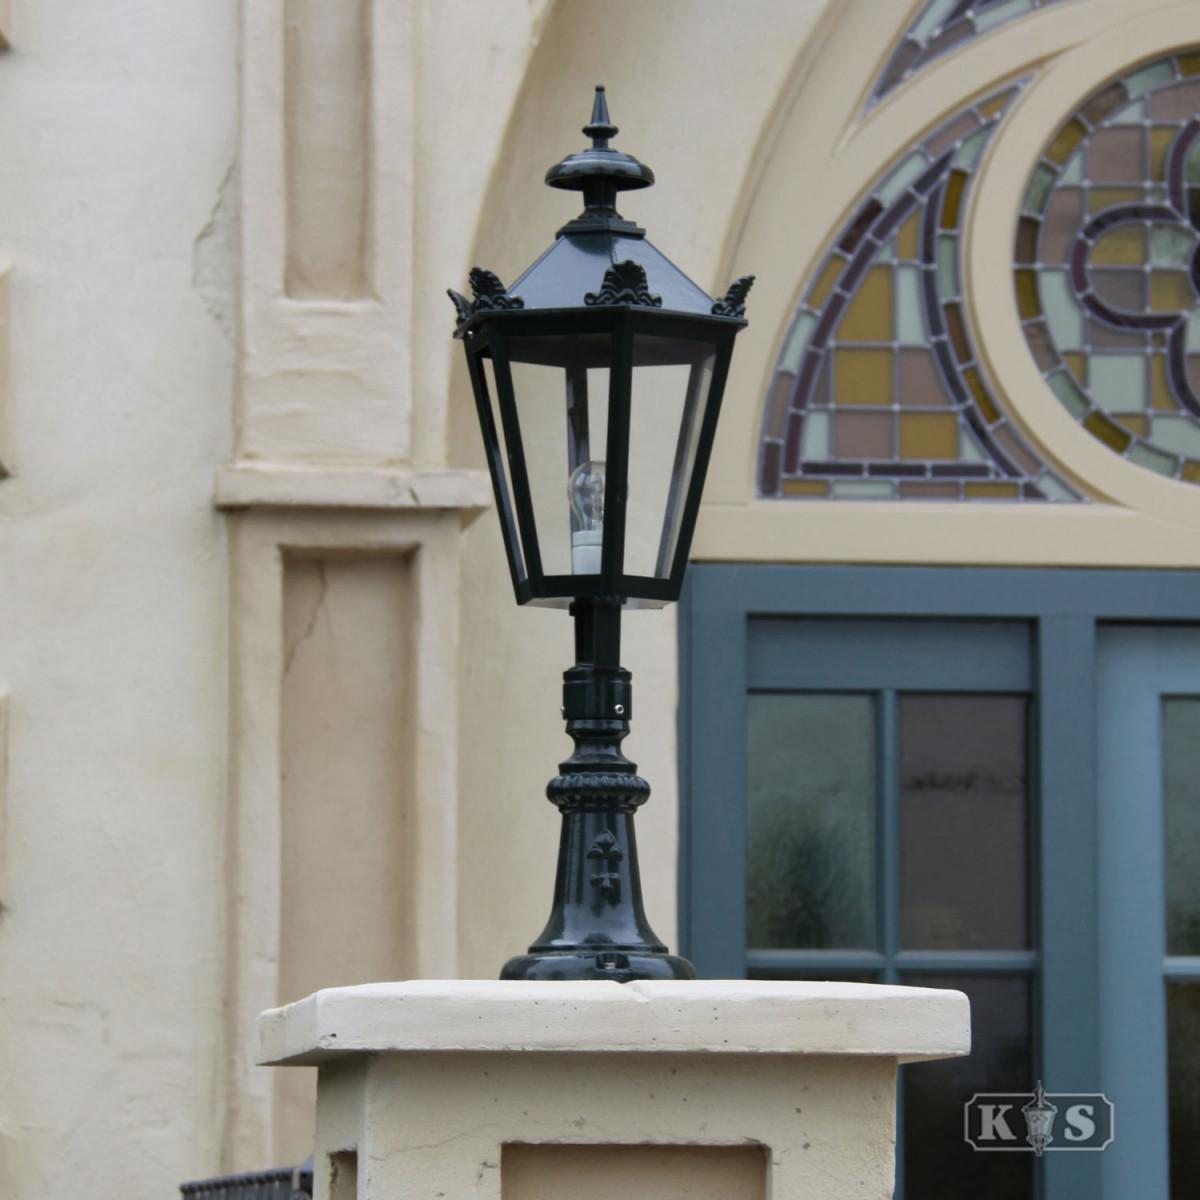 KS Nostalgische Außenlaterne Klassische Gartenlampe Oxford 15